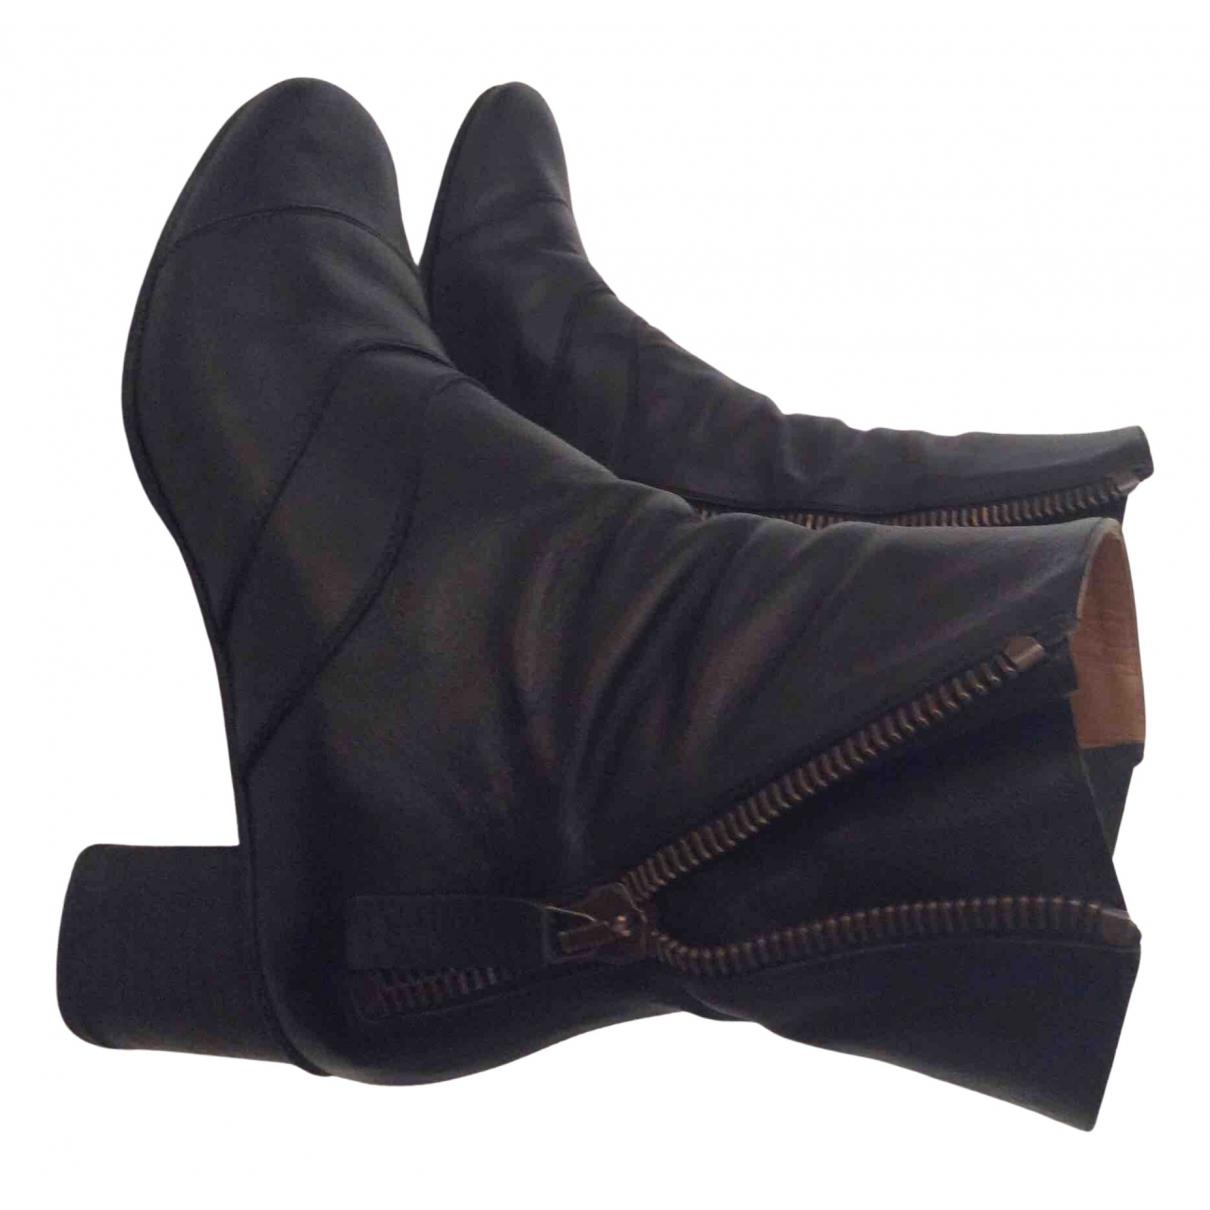 Chloe - Boots Lexie pour femme en cuir - noir